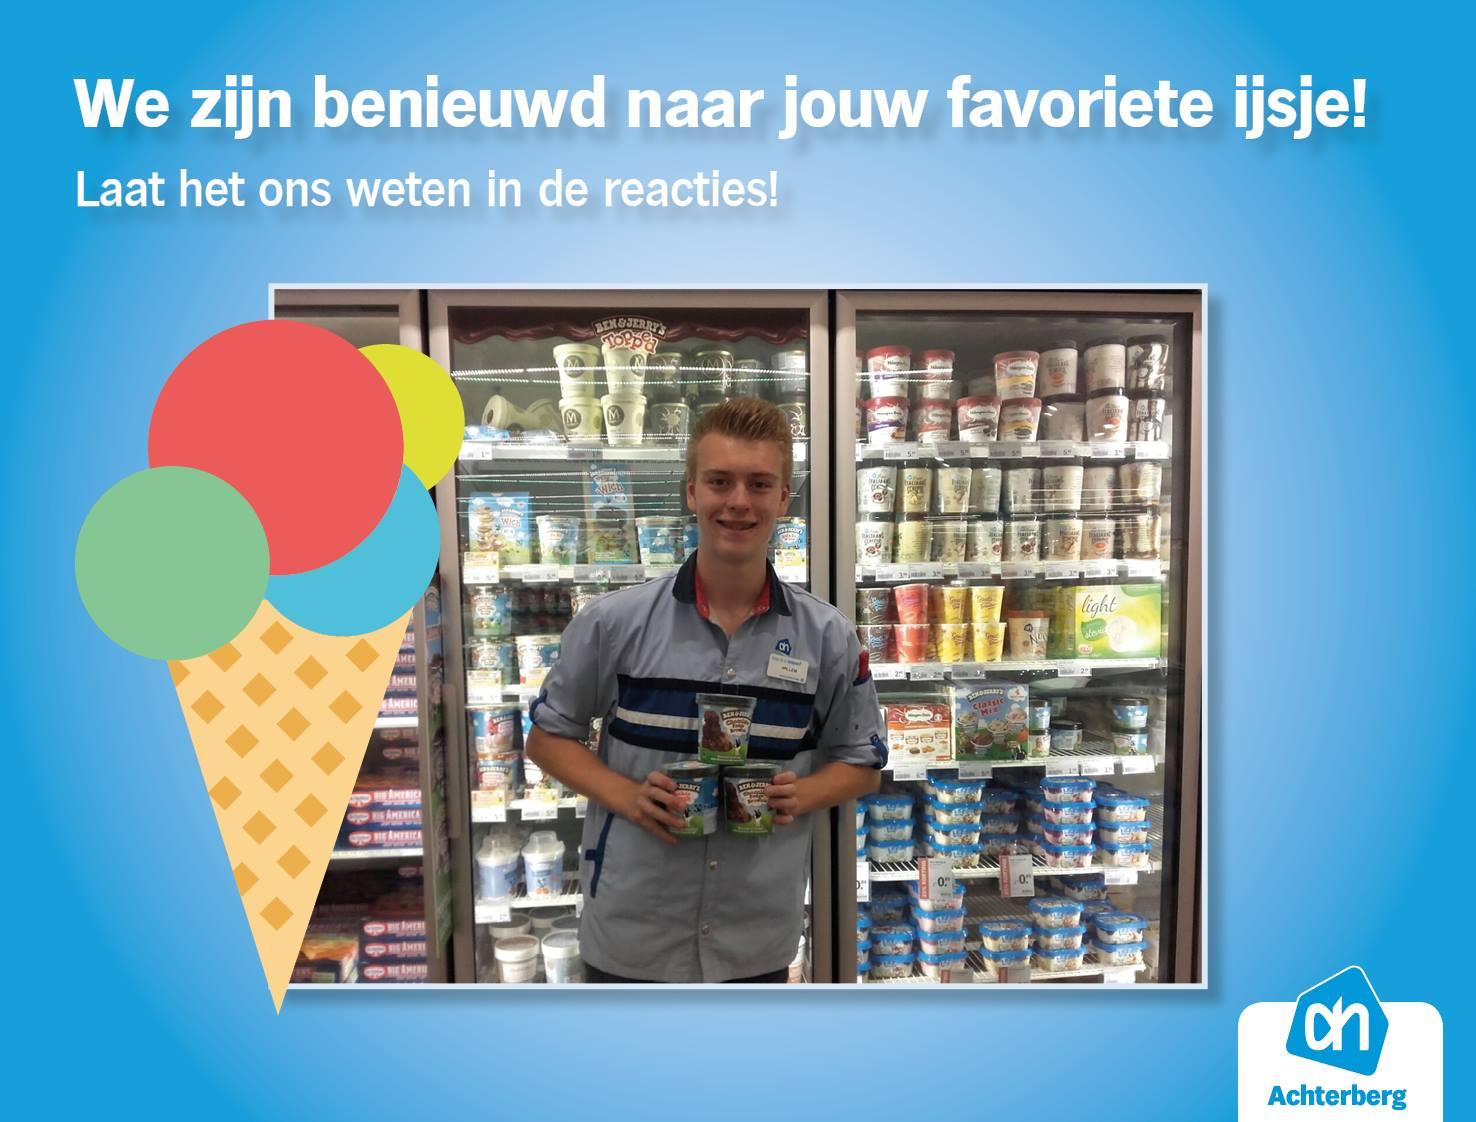 We zijn benieuwd naar jouw favoriete ijsje!